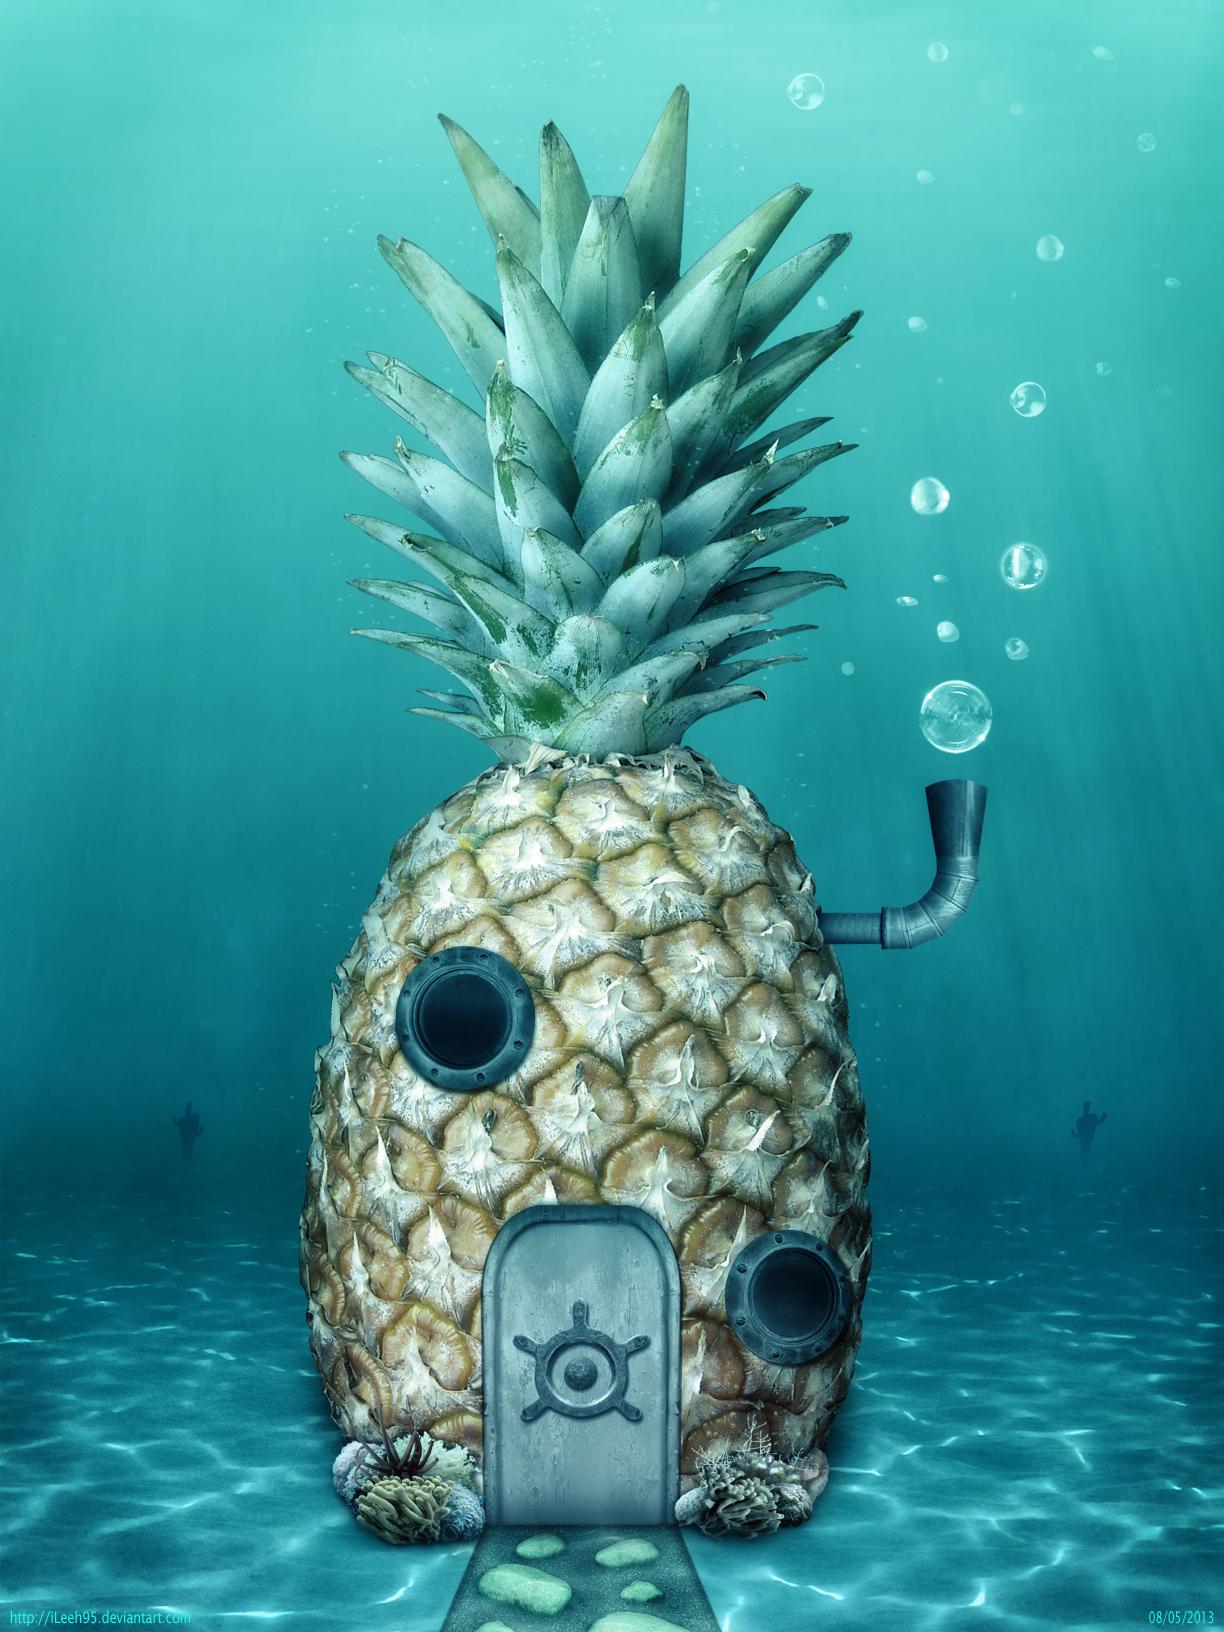 Spongebob squarepants spongebobs house by ileeh95